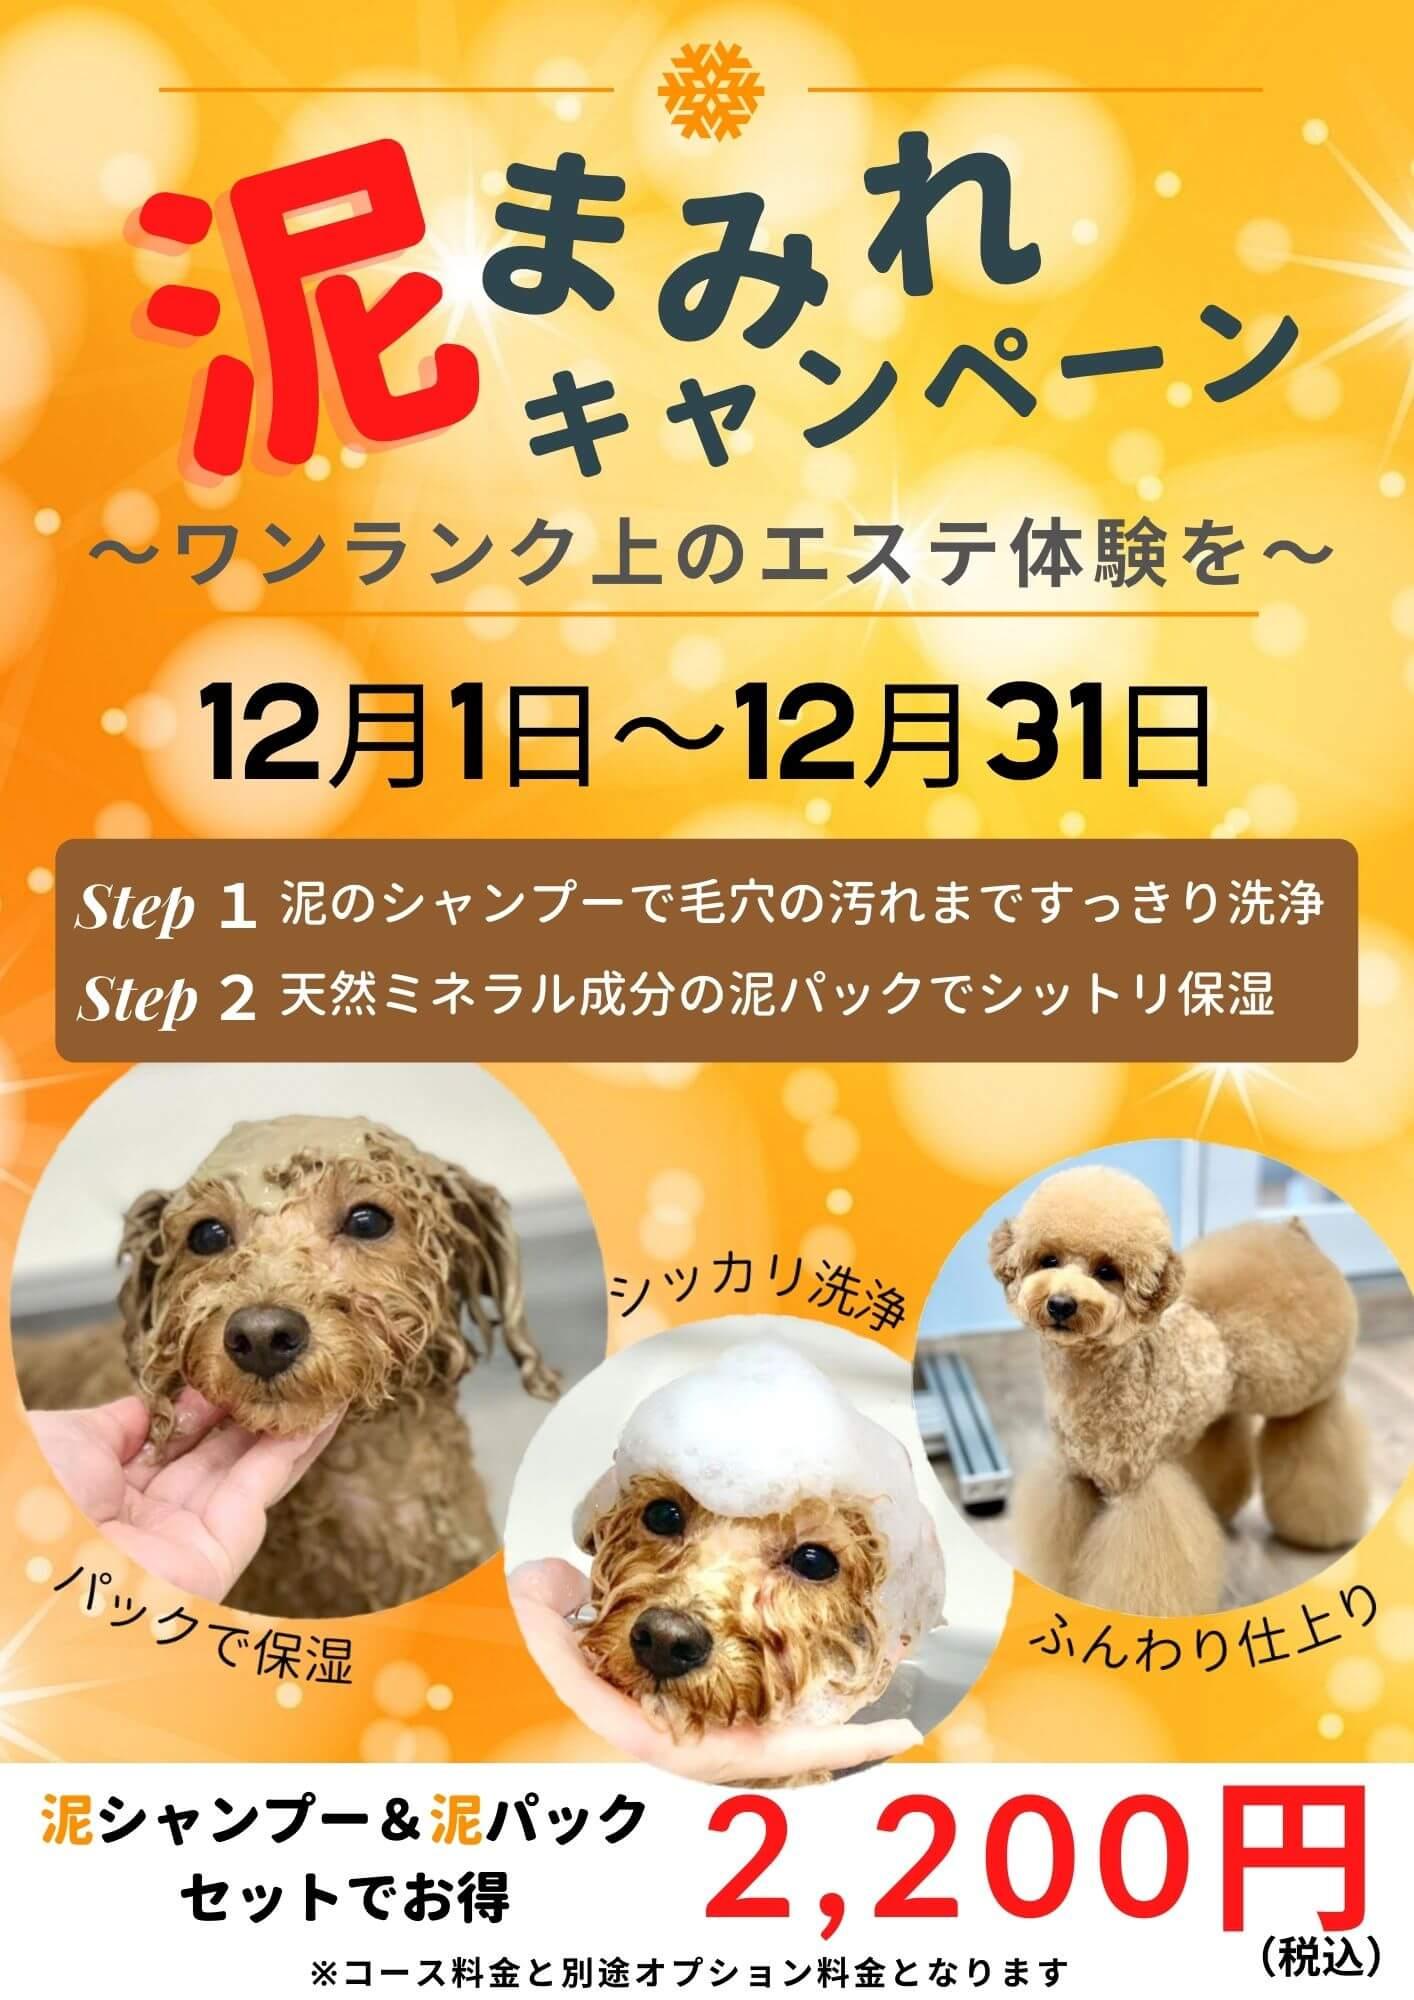 12月1日~31日開催 泥まみれキャンペーン!!